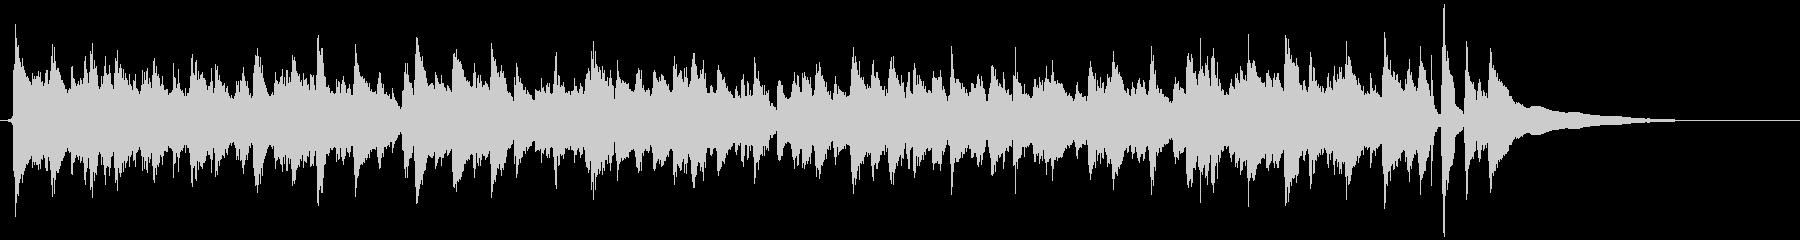 アコギ独奏 開放感のあるカッティングの未再生の波形